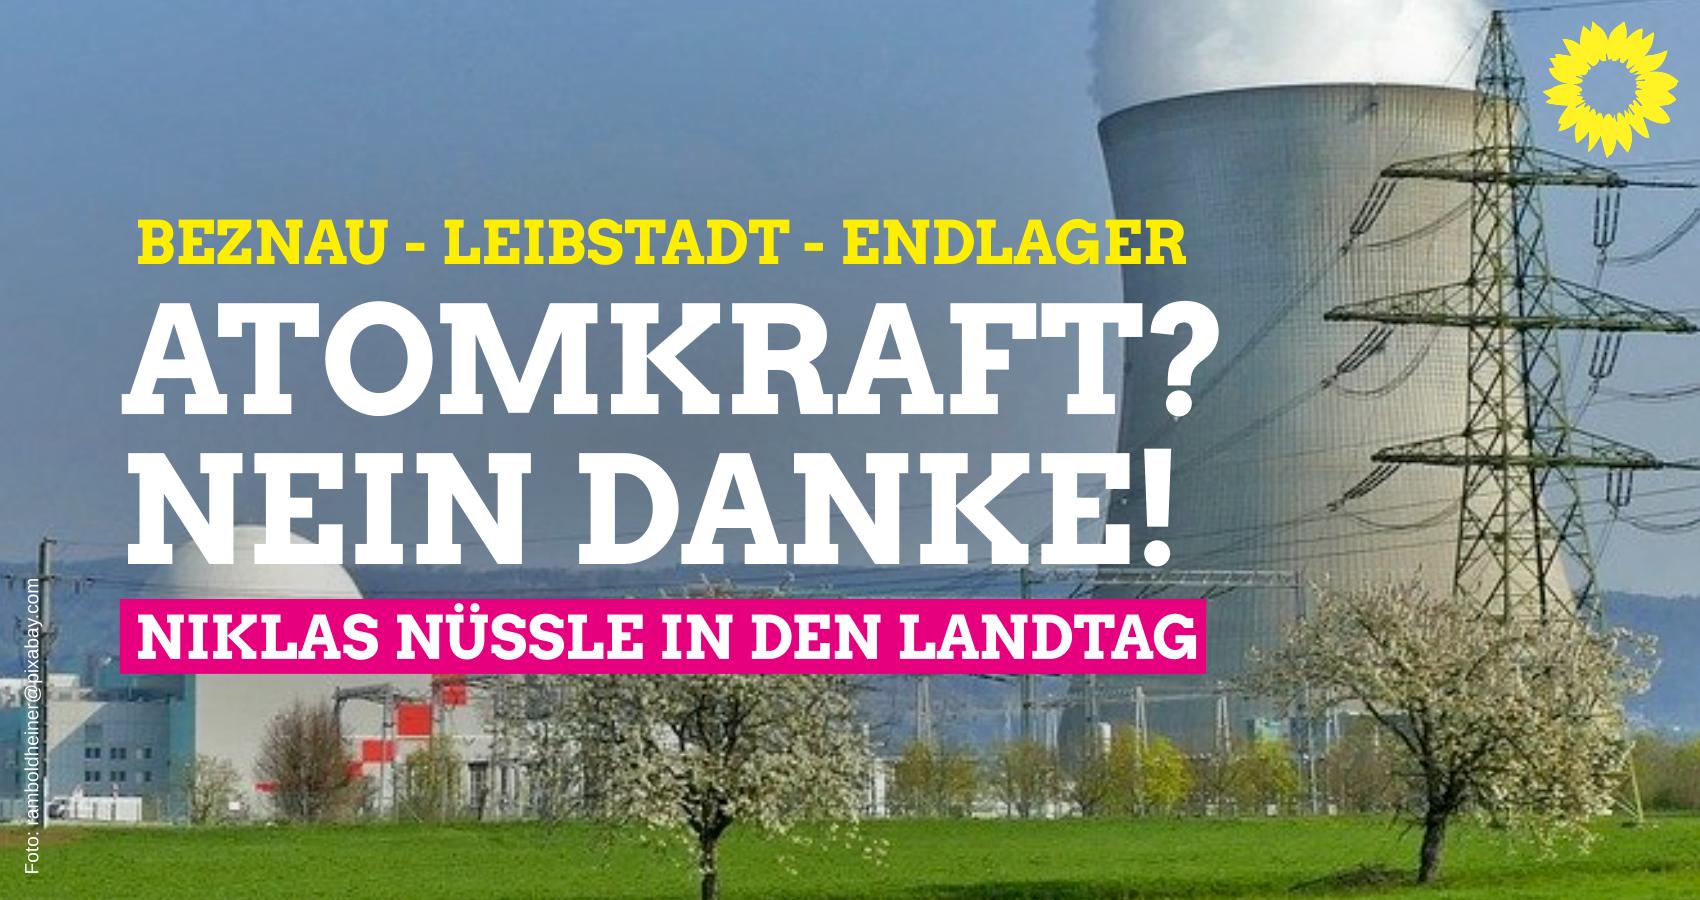 Atomkraft: Nein danke!